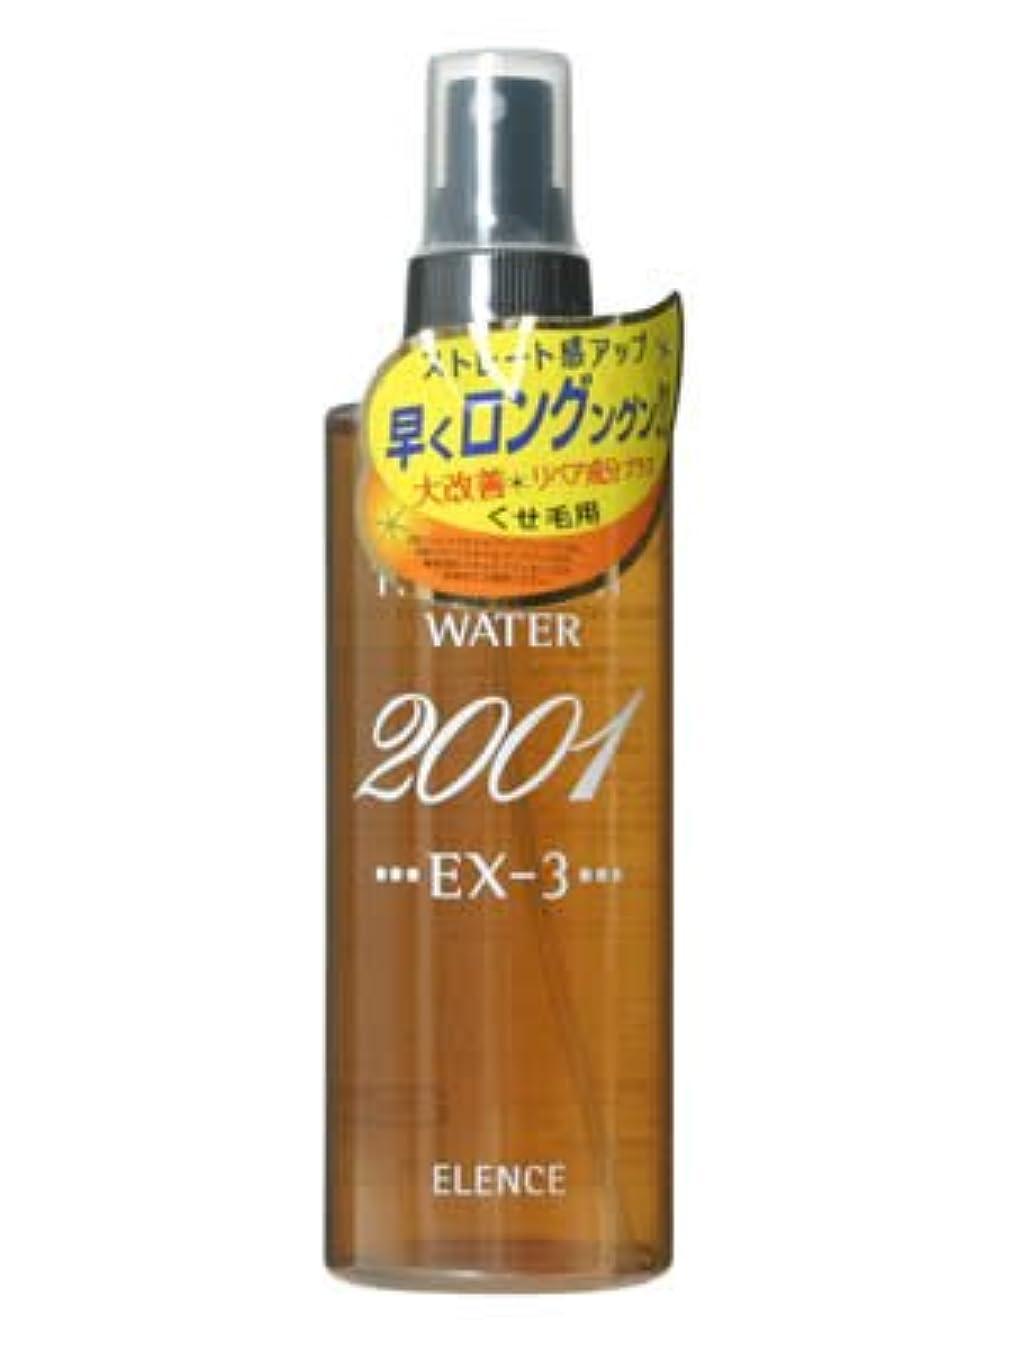 ペインティングマガジン世界的にエレンス2001 スキャルプトリートメントウォーターEX-3(くせ毛用)